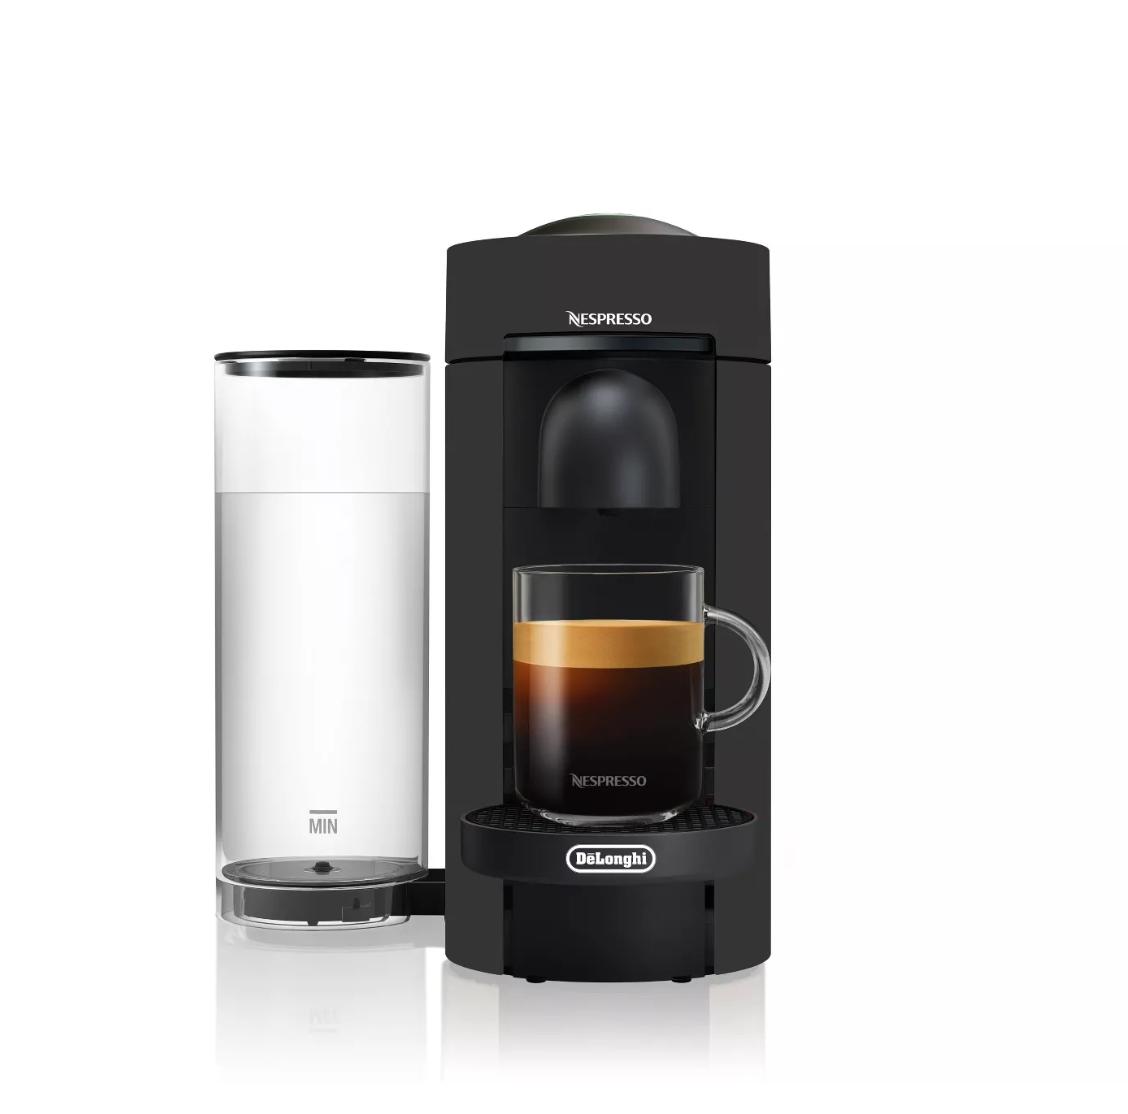 nespresso-machine-target